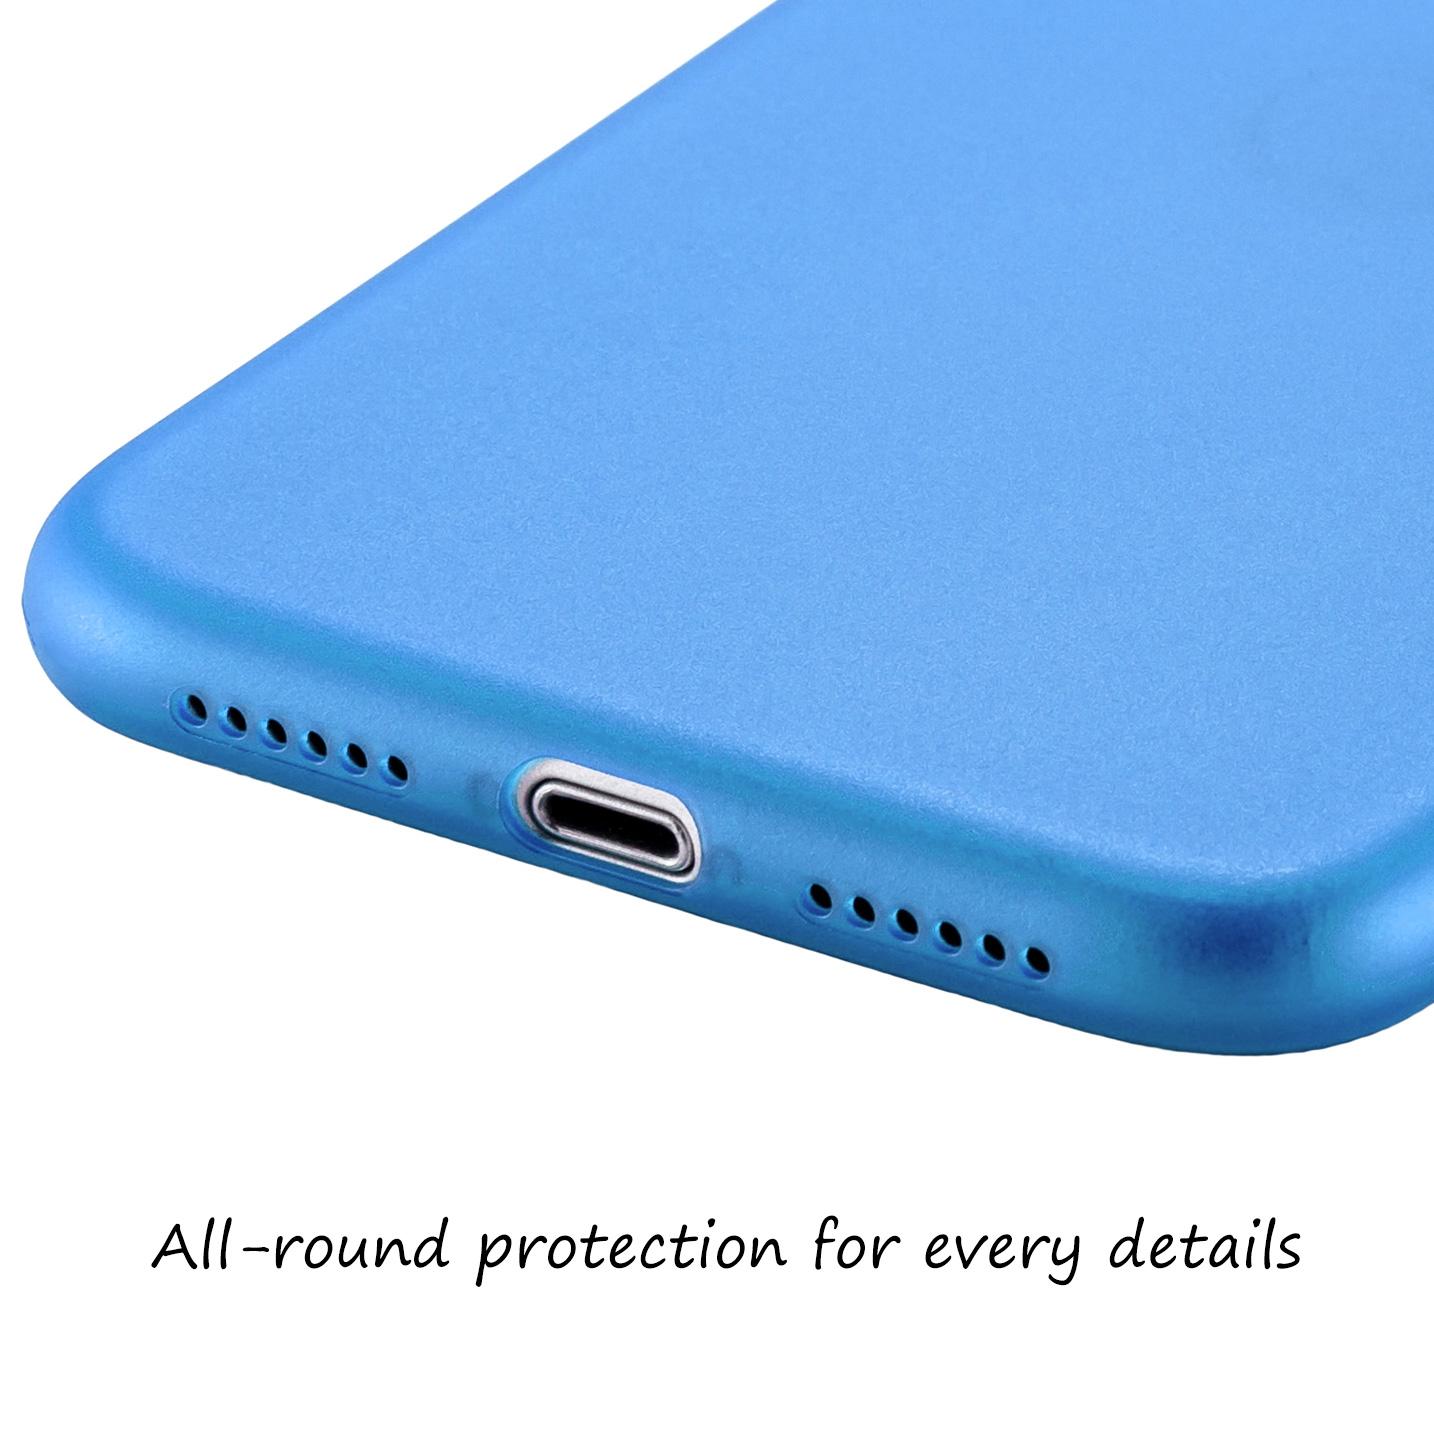 Ultra-Slim-Case-iPhone-11-6-1-034-Matt-Clear-Schutz-Huelle-Skin-Cover-Tasche-Folie Indexbild 28